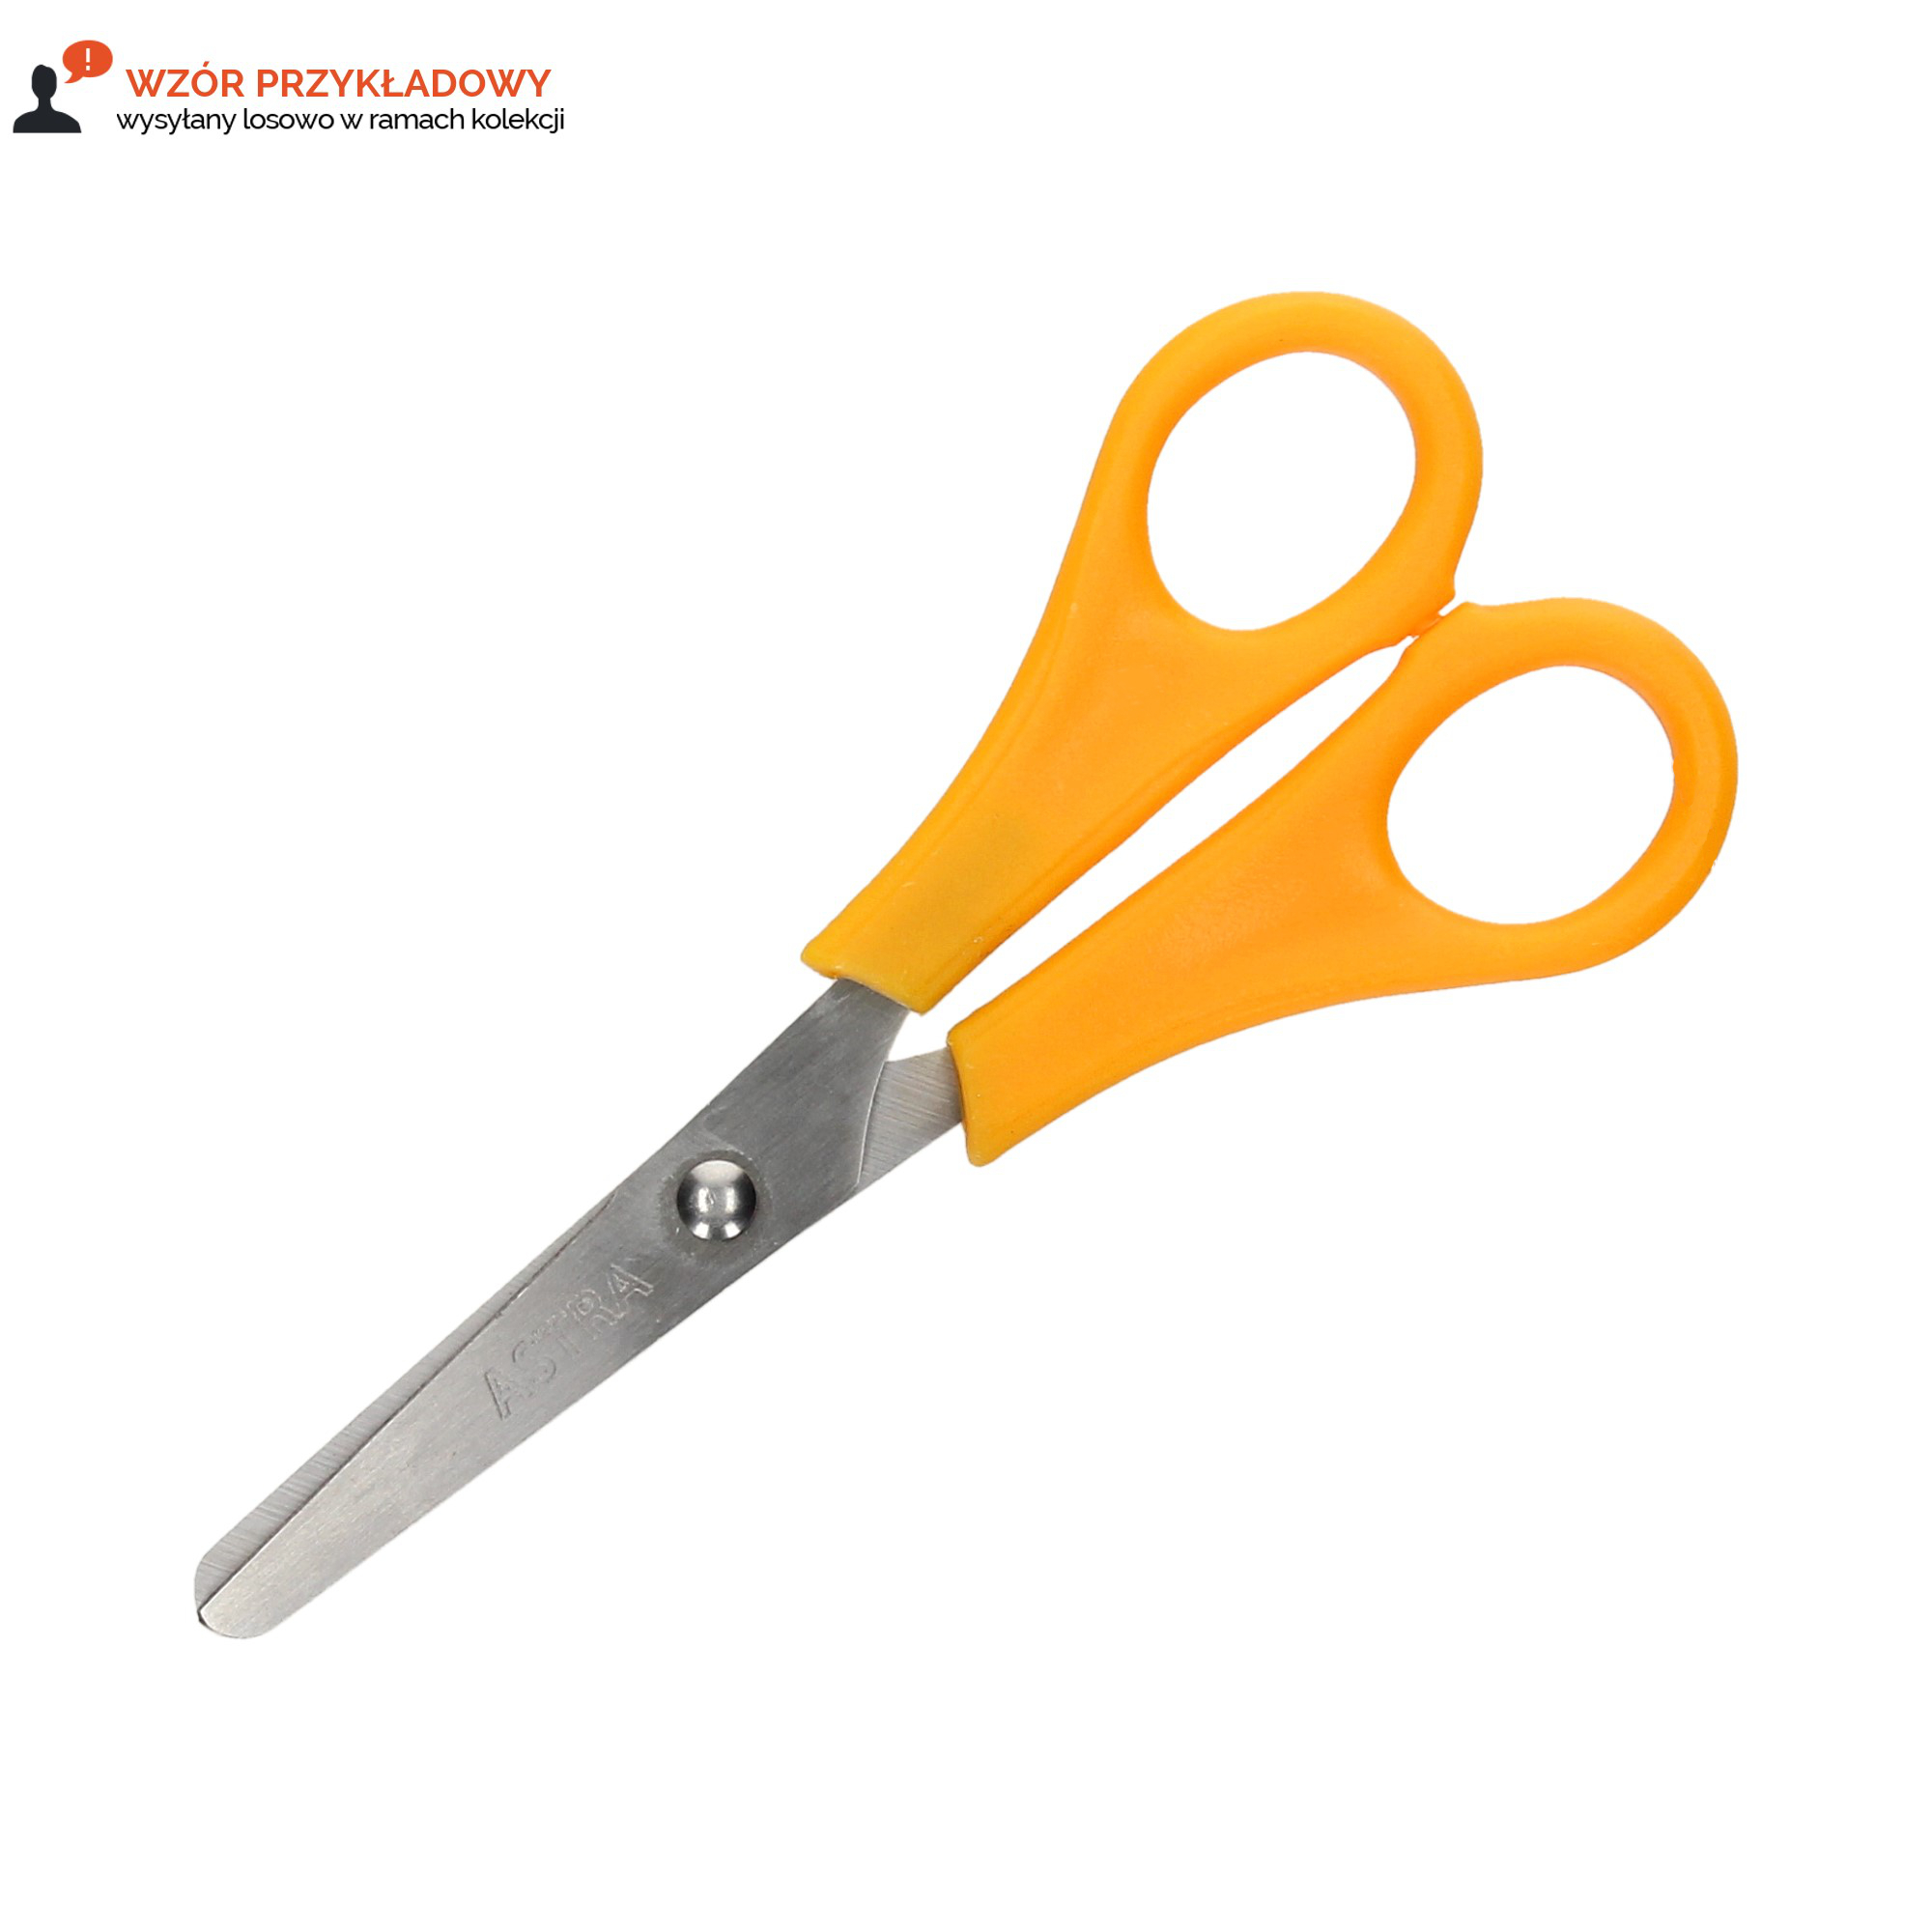 Nożyczki szkolne dla praworęcznych Astra